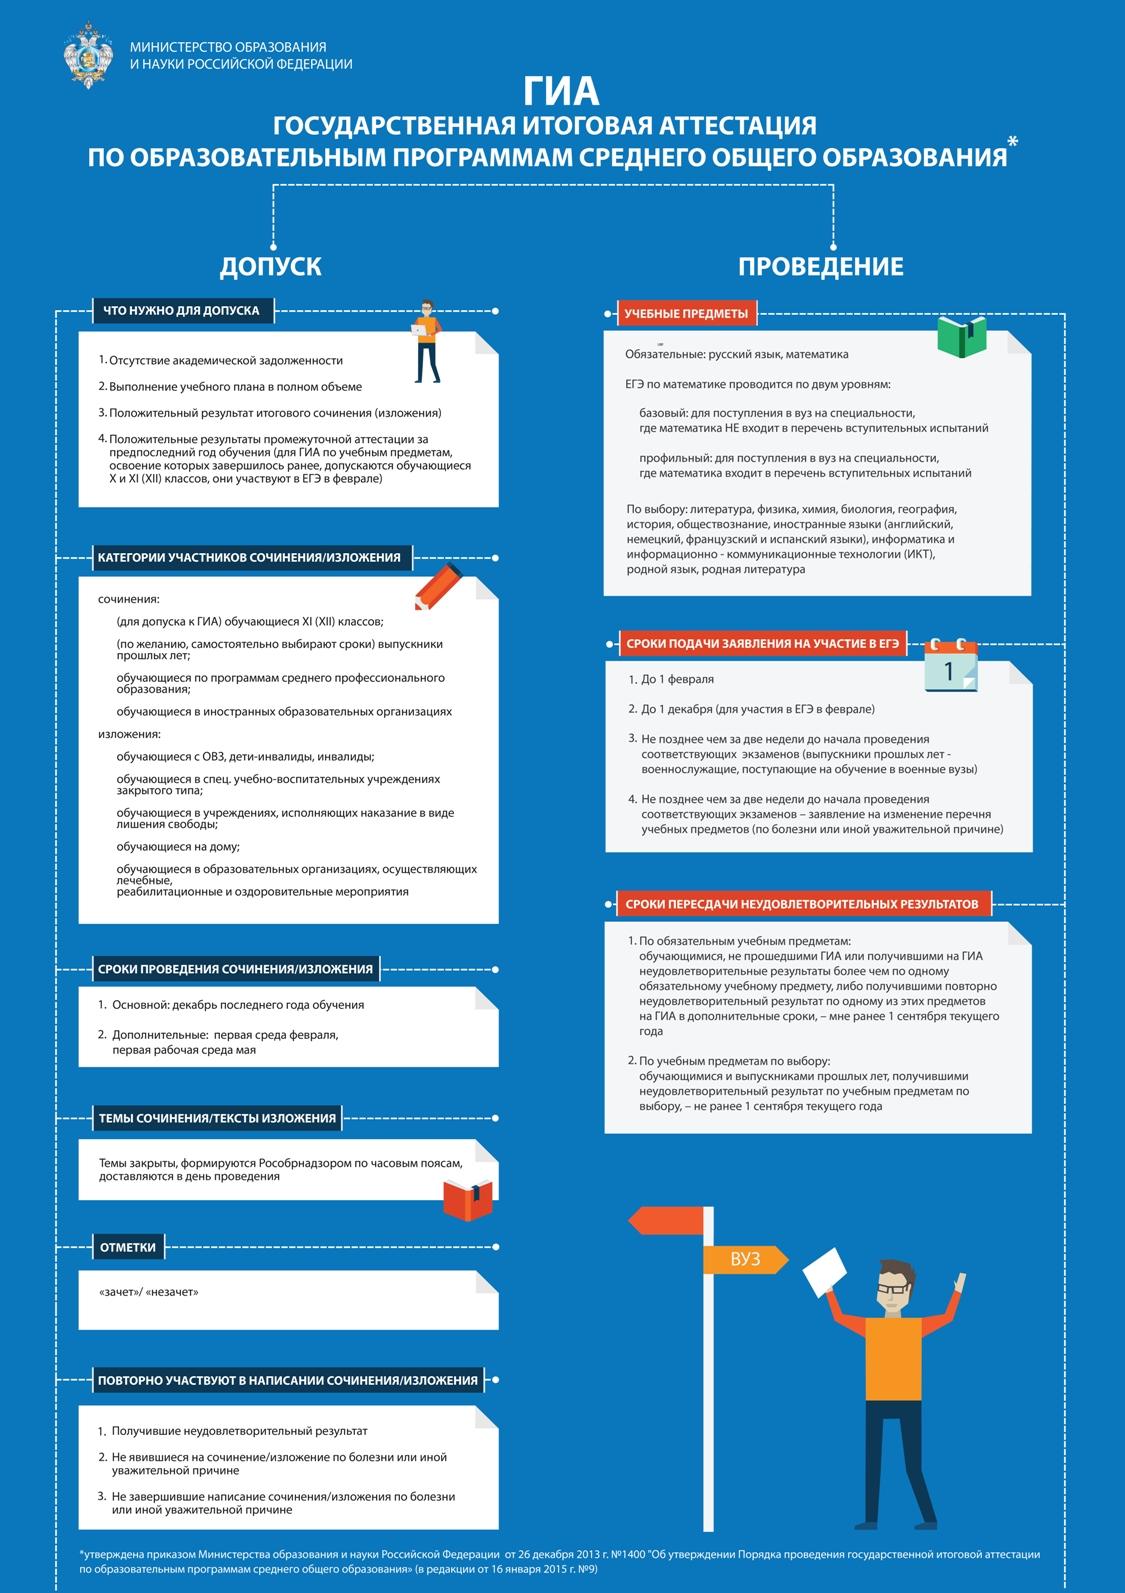 Инфографика от Минобрнауки: ЕГЭ